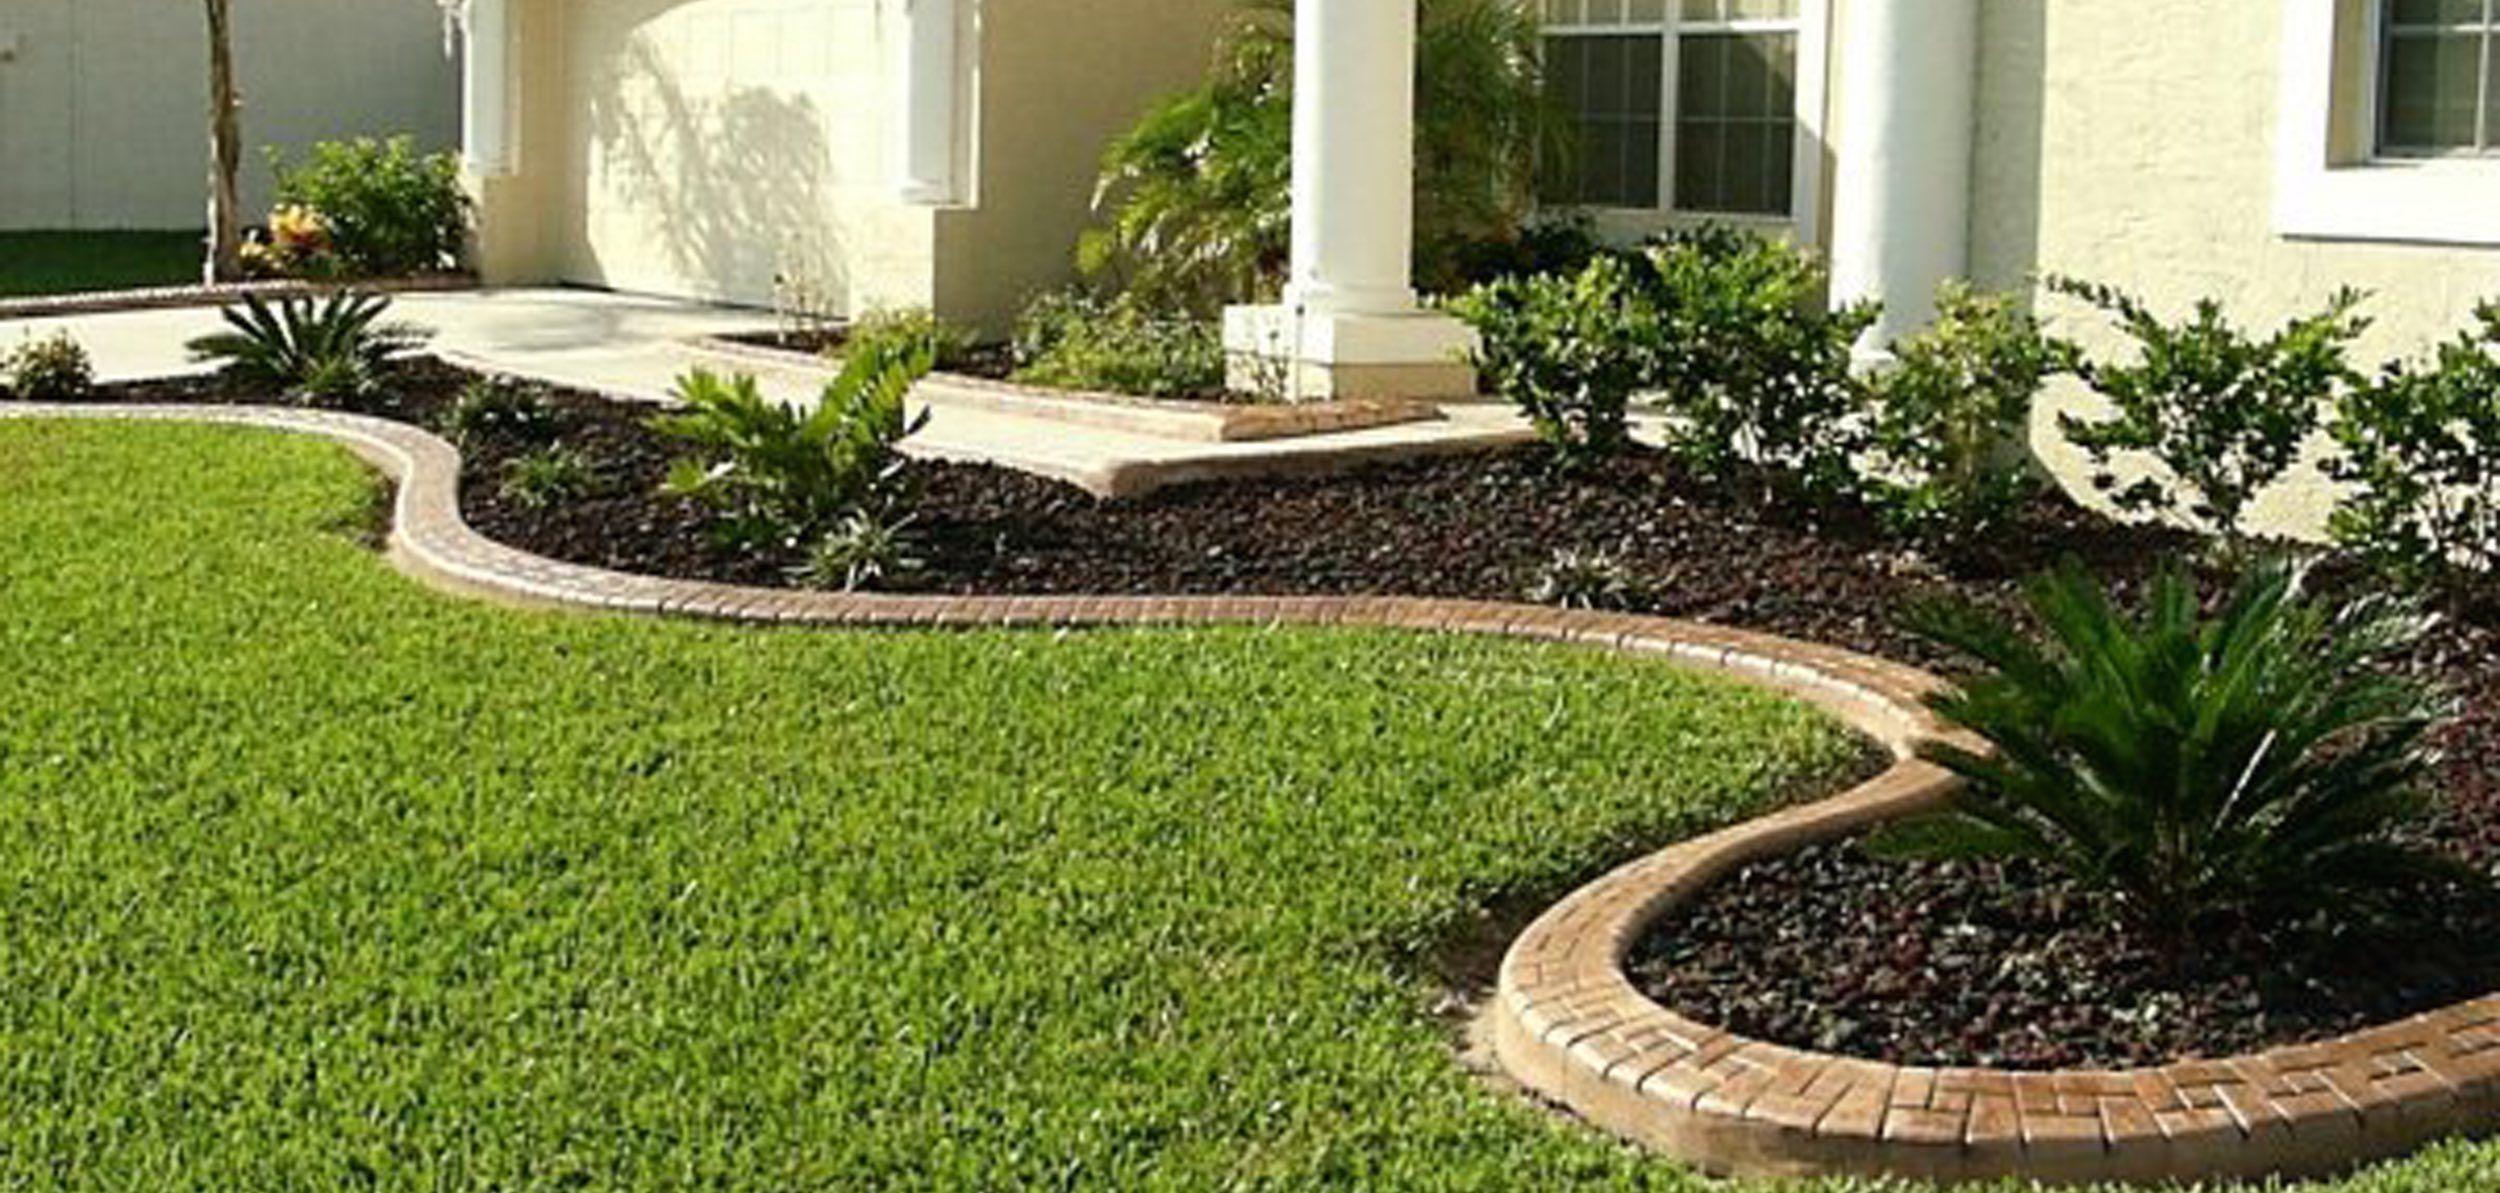 Pertamanan Halaman Depan Desain Lanskap Desain Halaman Depan Landscaping ideas for house front